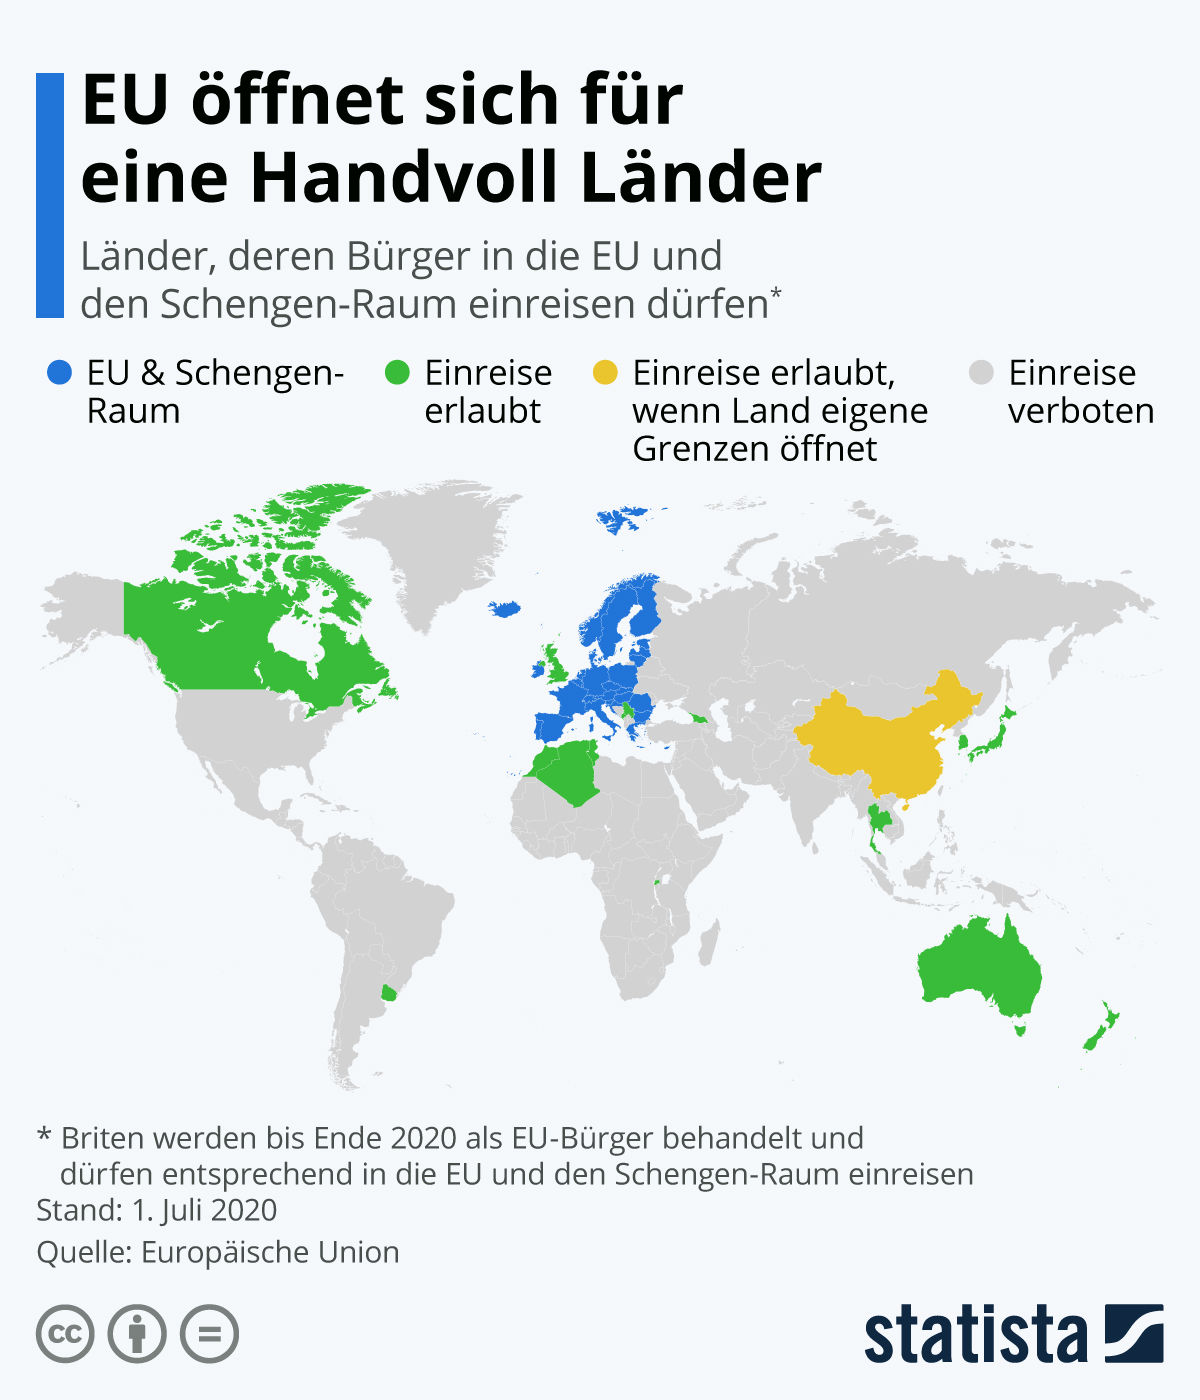 Infografik: EU öffnet sich für eine Handvoll Länder | Statista